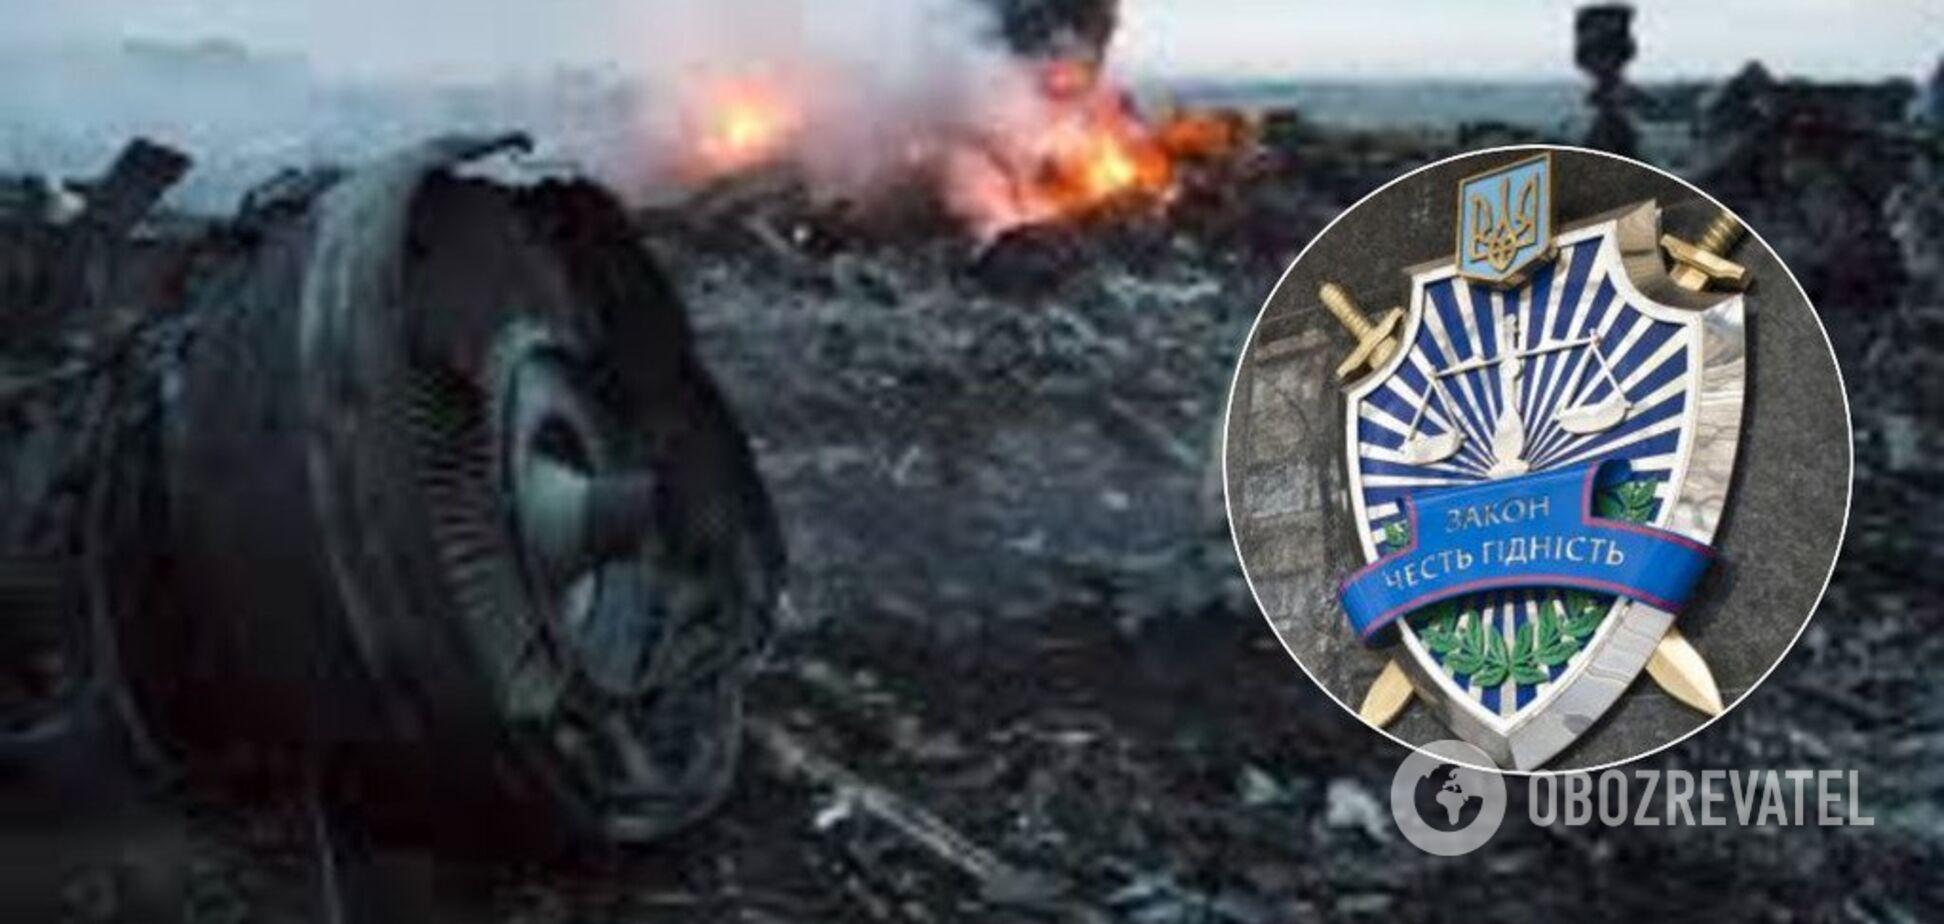 'Зливають слідство!' В Україні звільнили прокурорів у справі МН17